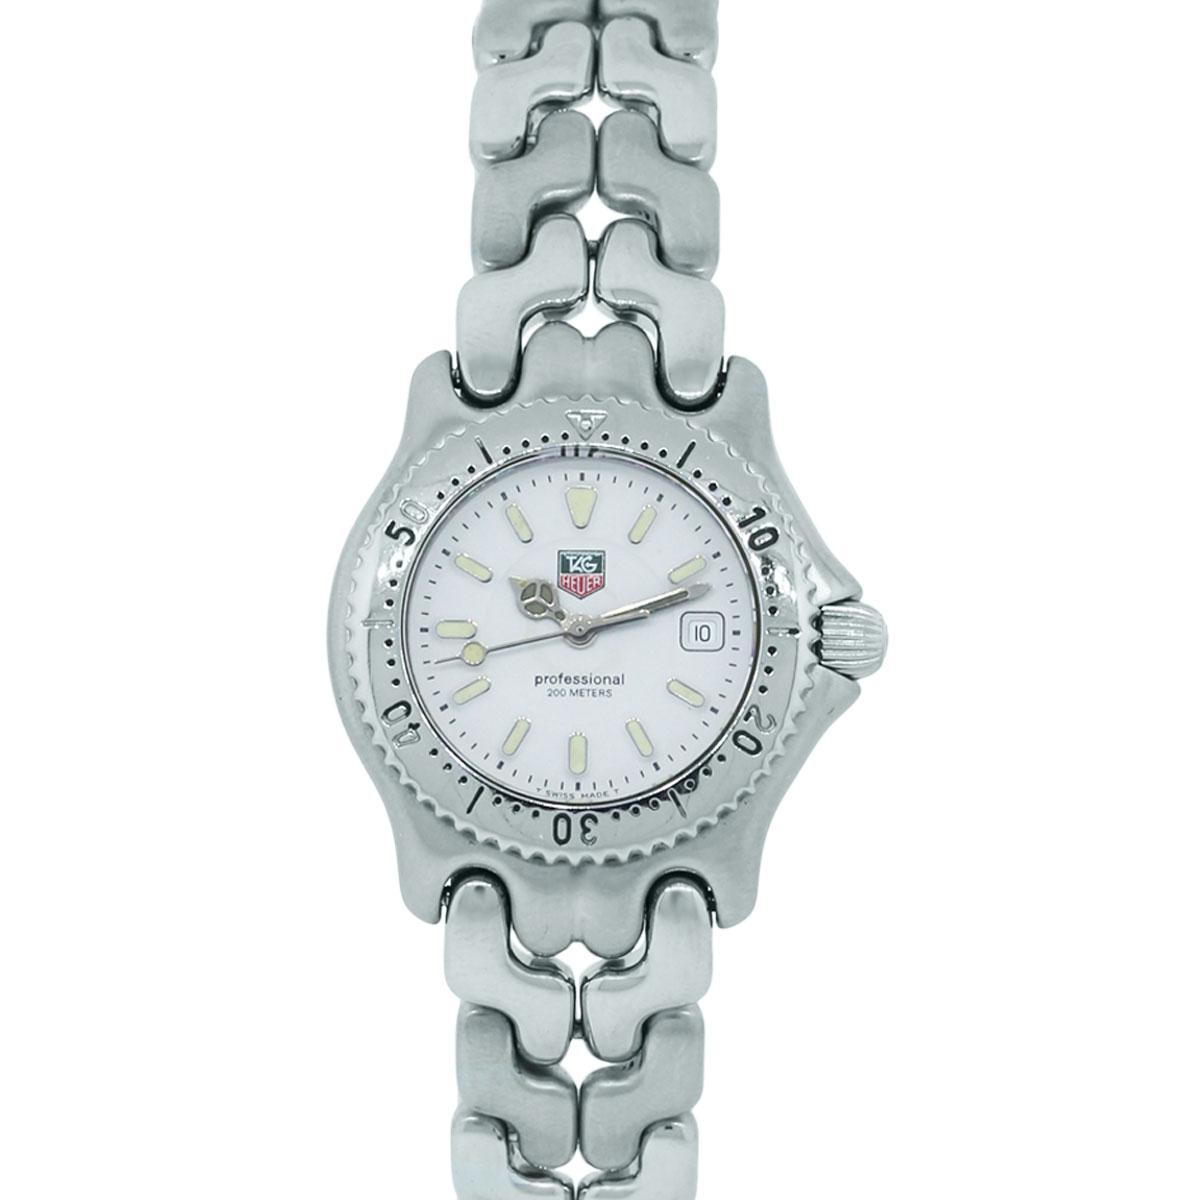 Tag Heuer WG1312-0 Professional Steel Ladies Watch